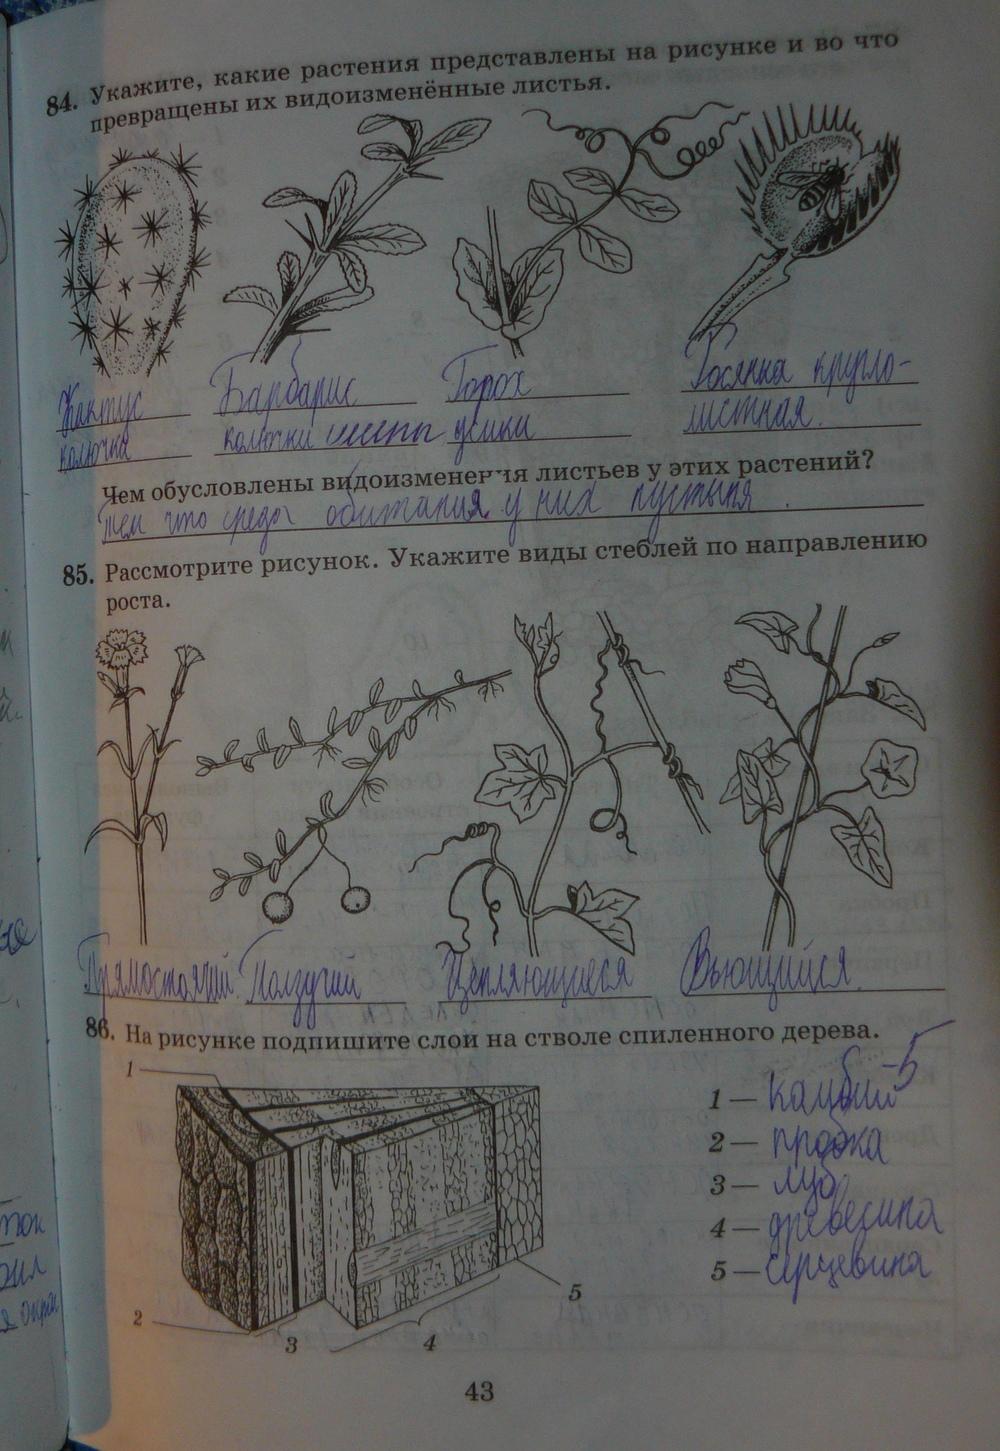 Гдз биология 6 класс рабочая тетрадь пасечник многообразие